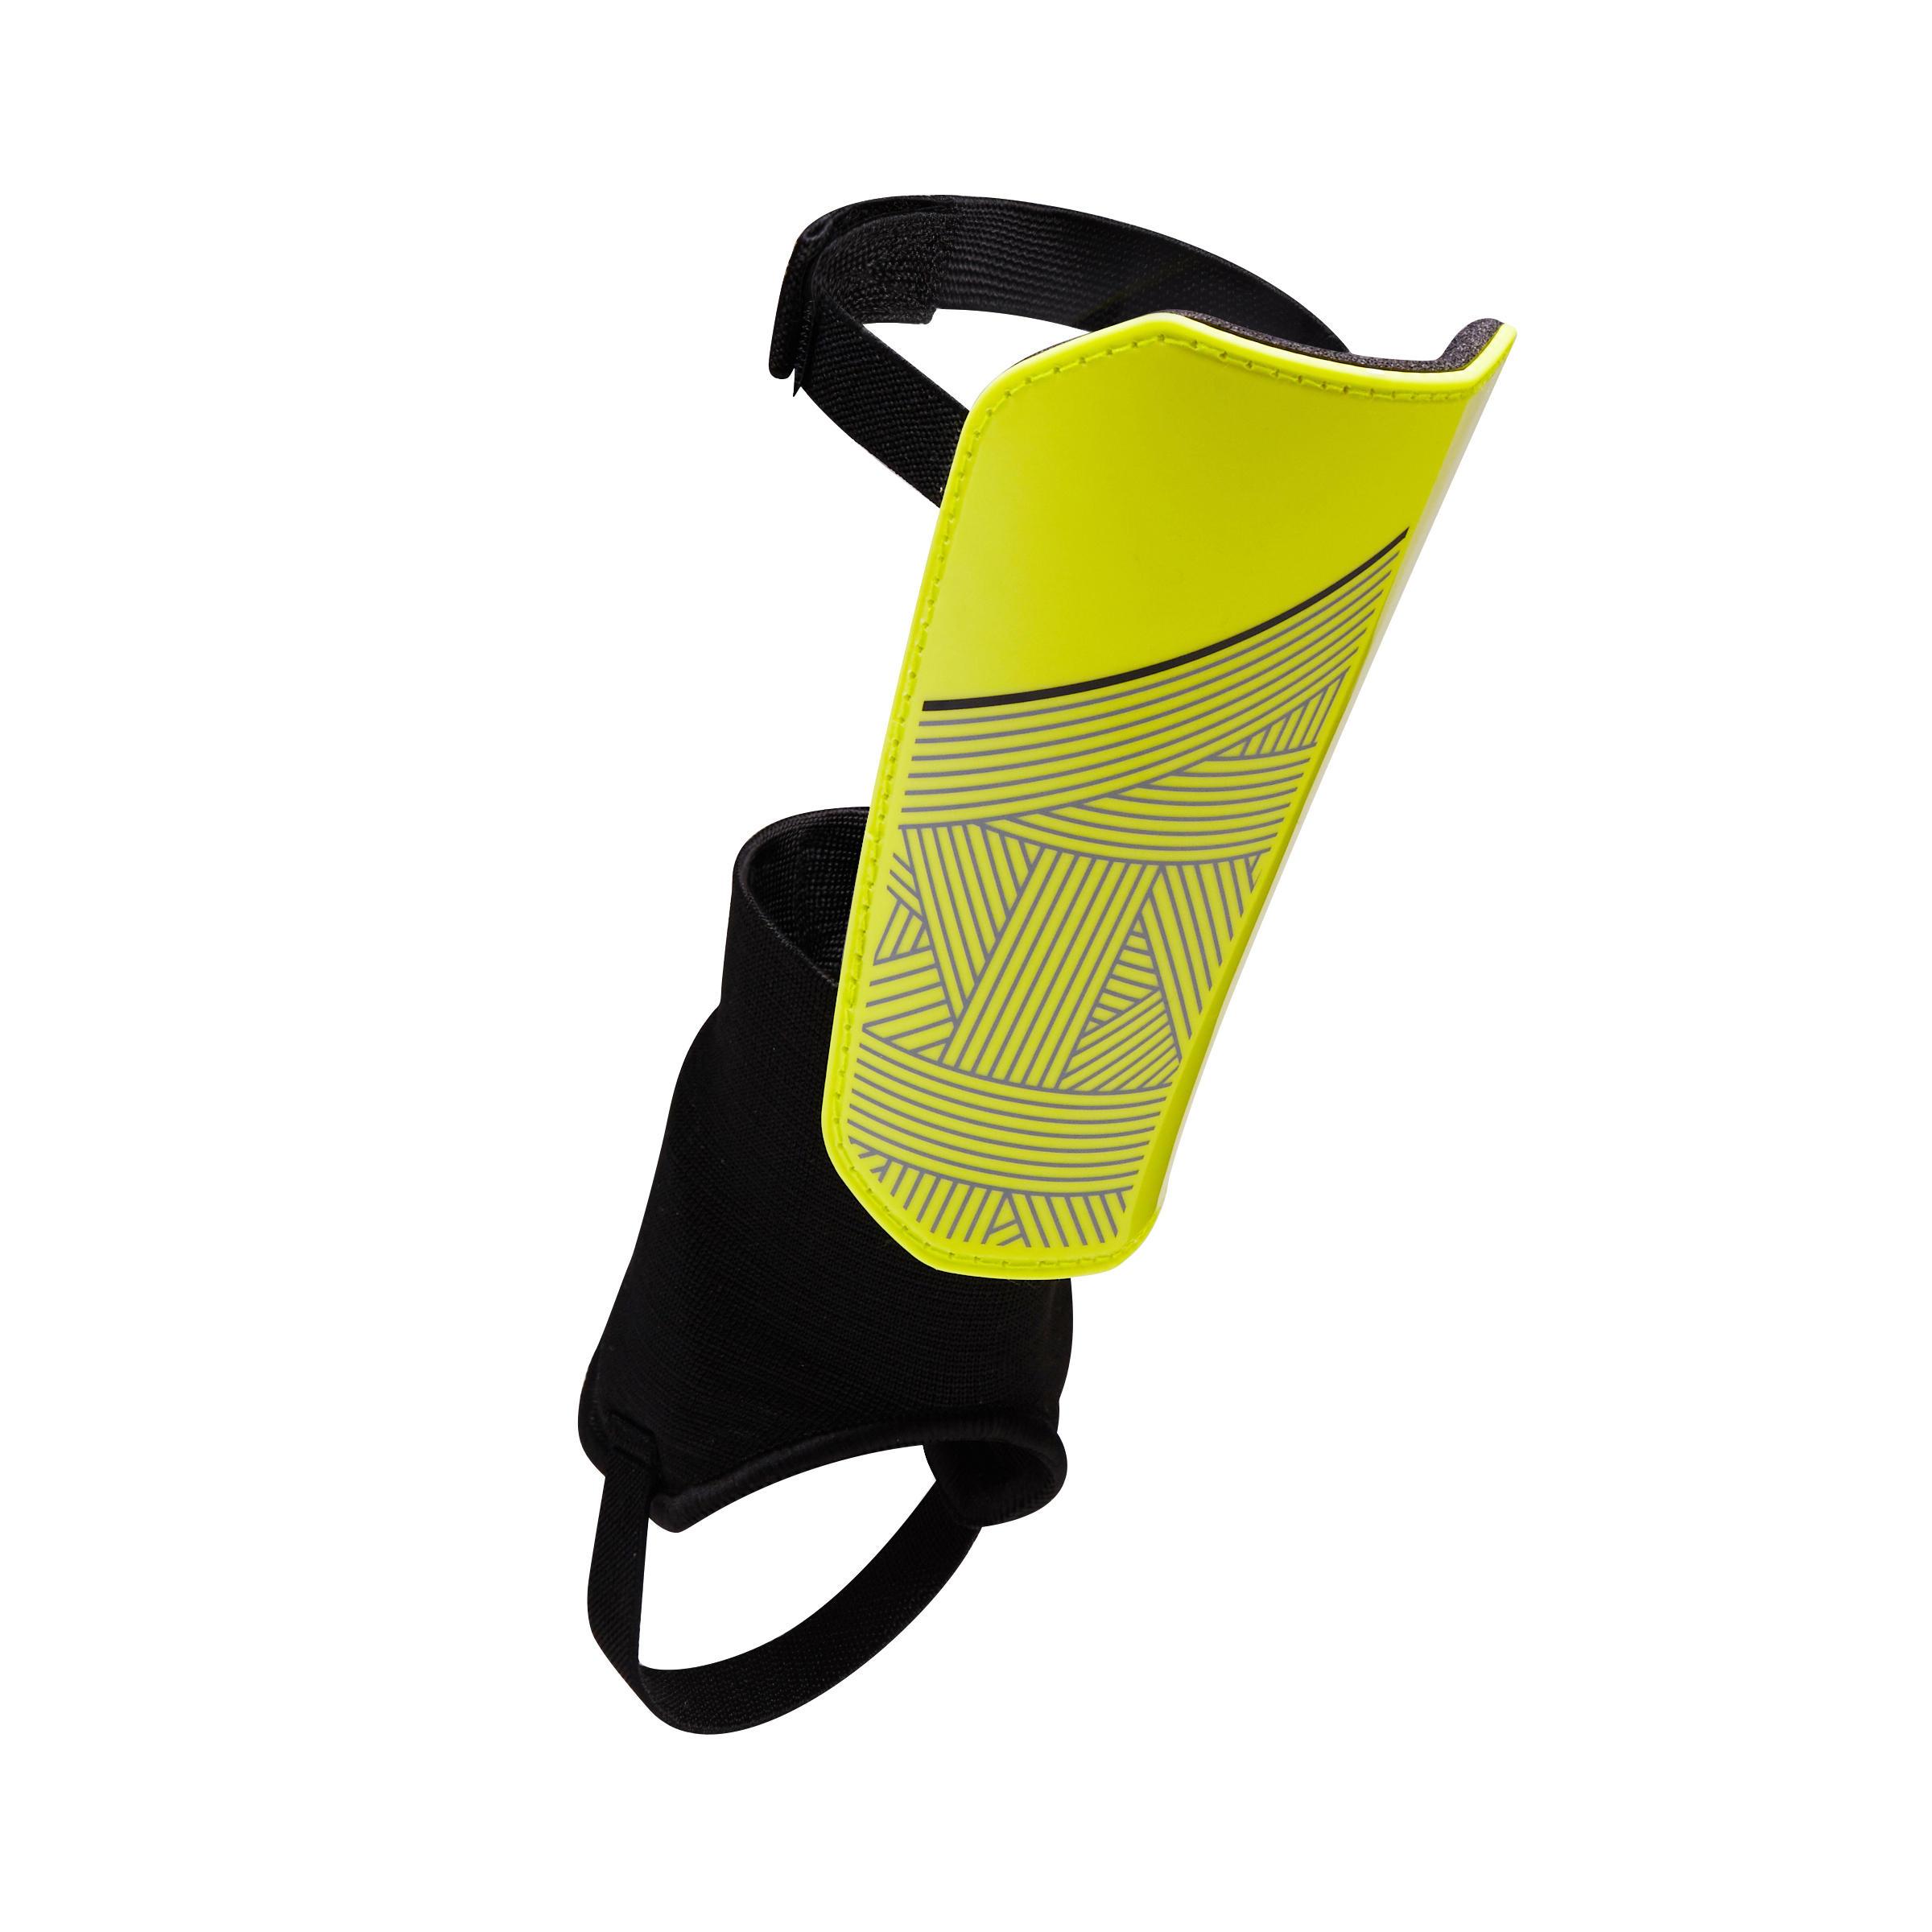 Protège-tibia de soccer enfant F140 (chevillère détachable) jaune noir